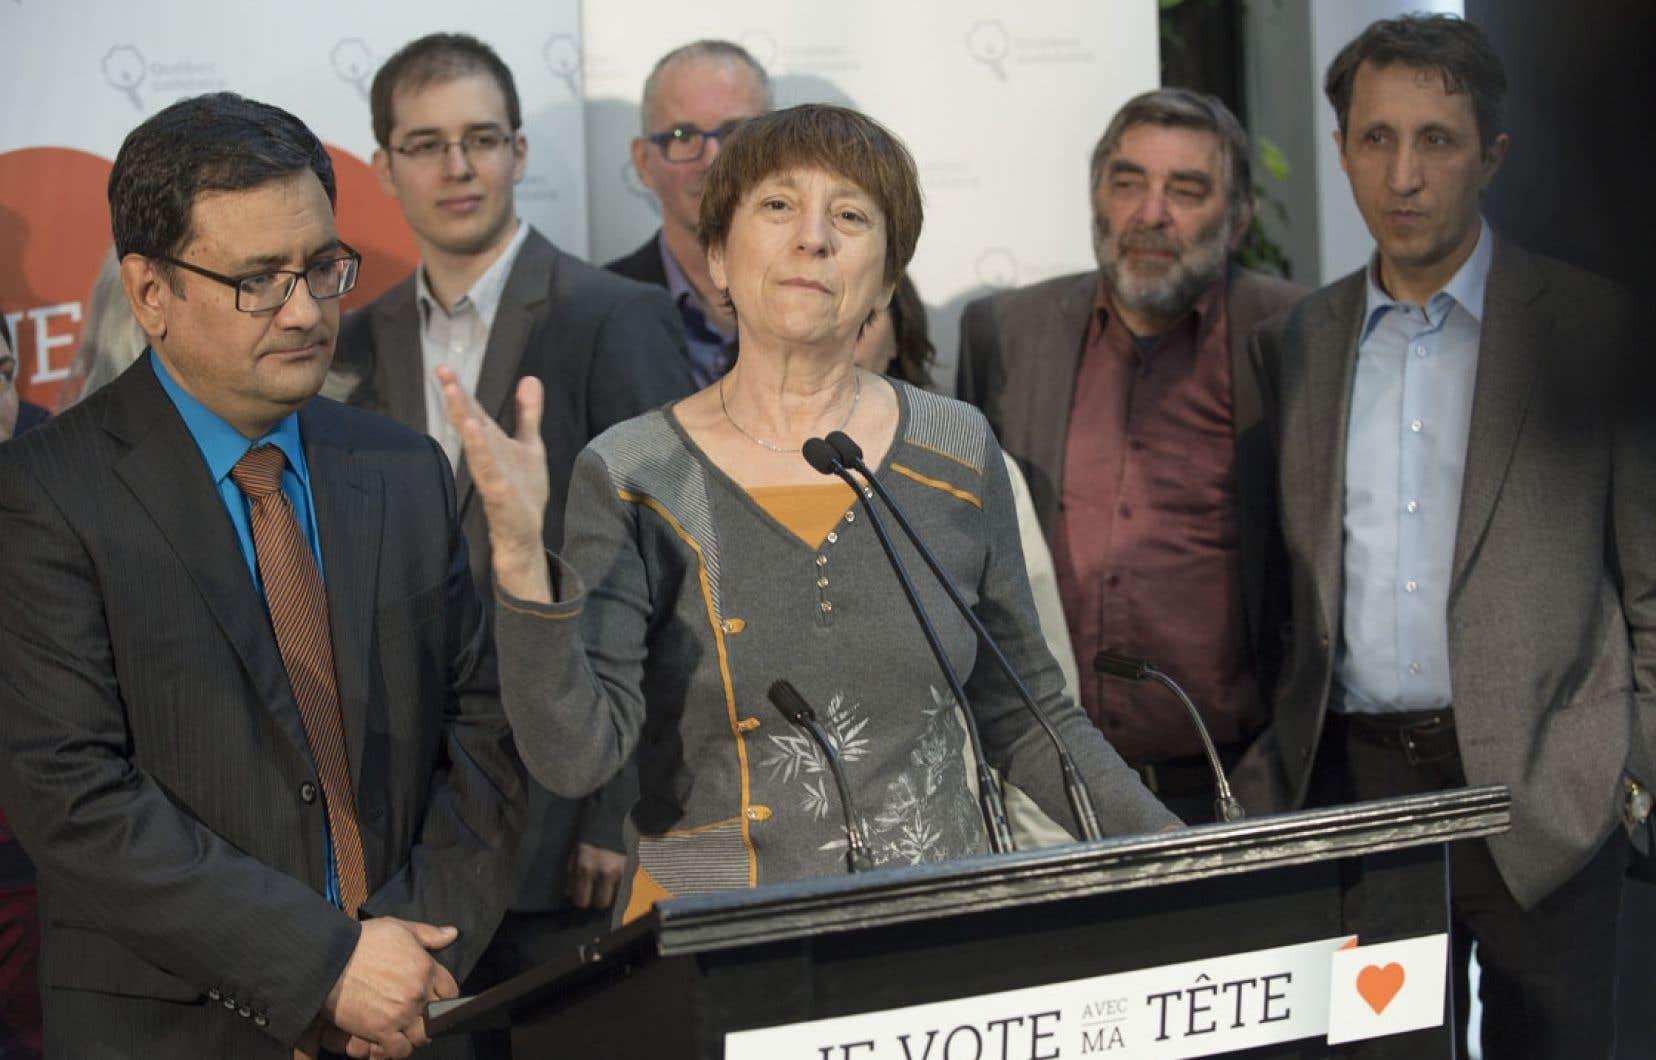 Françoise David a promis jeudi un projet pour la construction de 50000 logements sociaux. QS affirme qu'il se battra pour le maintien des tarifs de garderie.